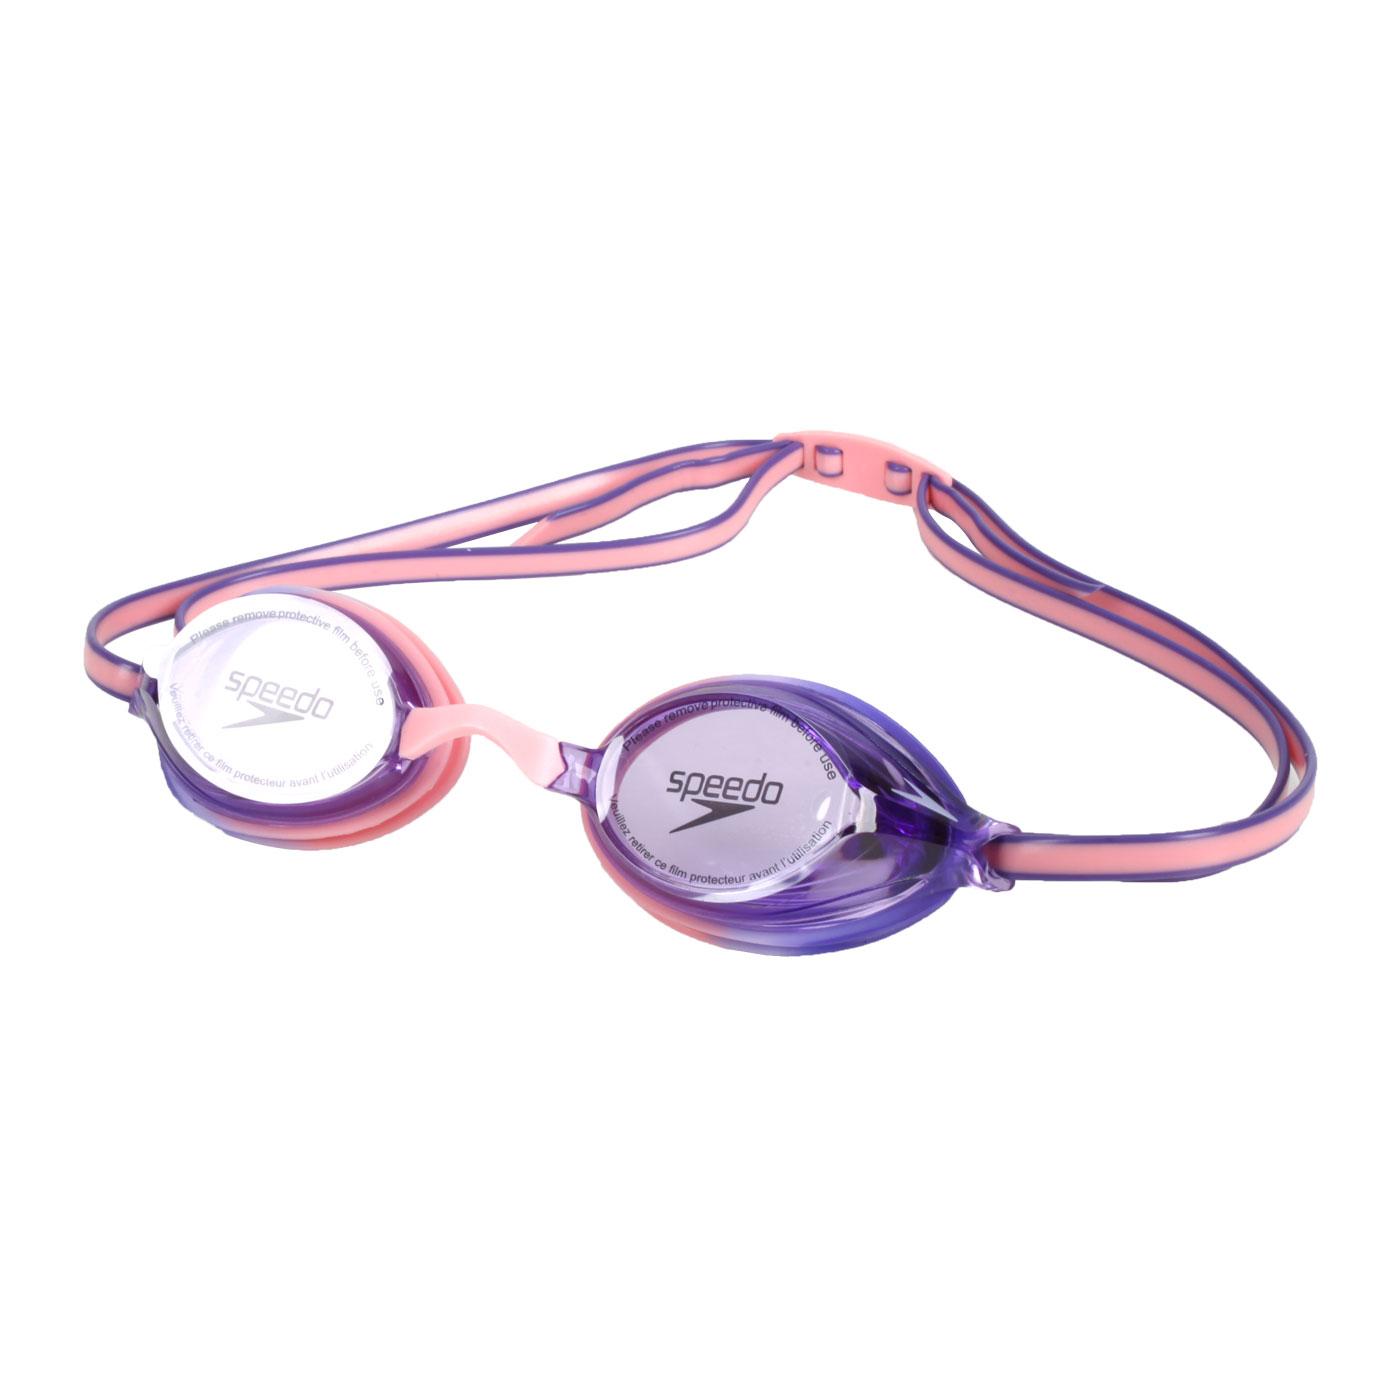 SPEEDO 兒童競技泳鏡 SD811323D654 - 粉紫